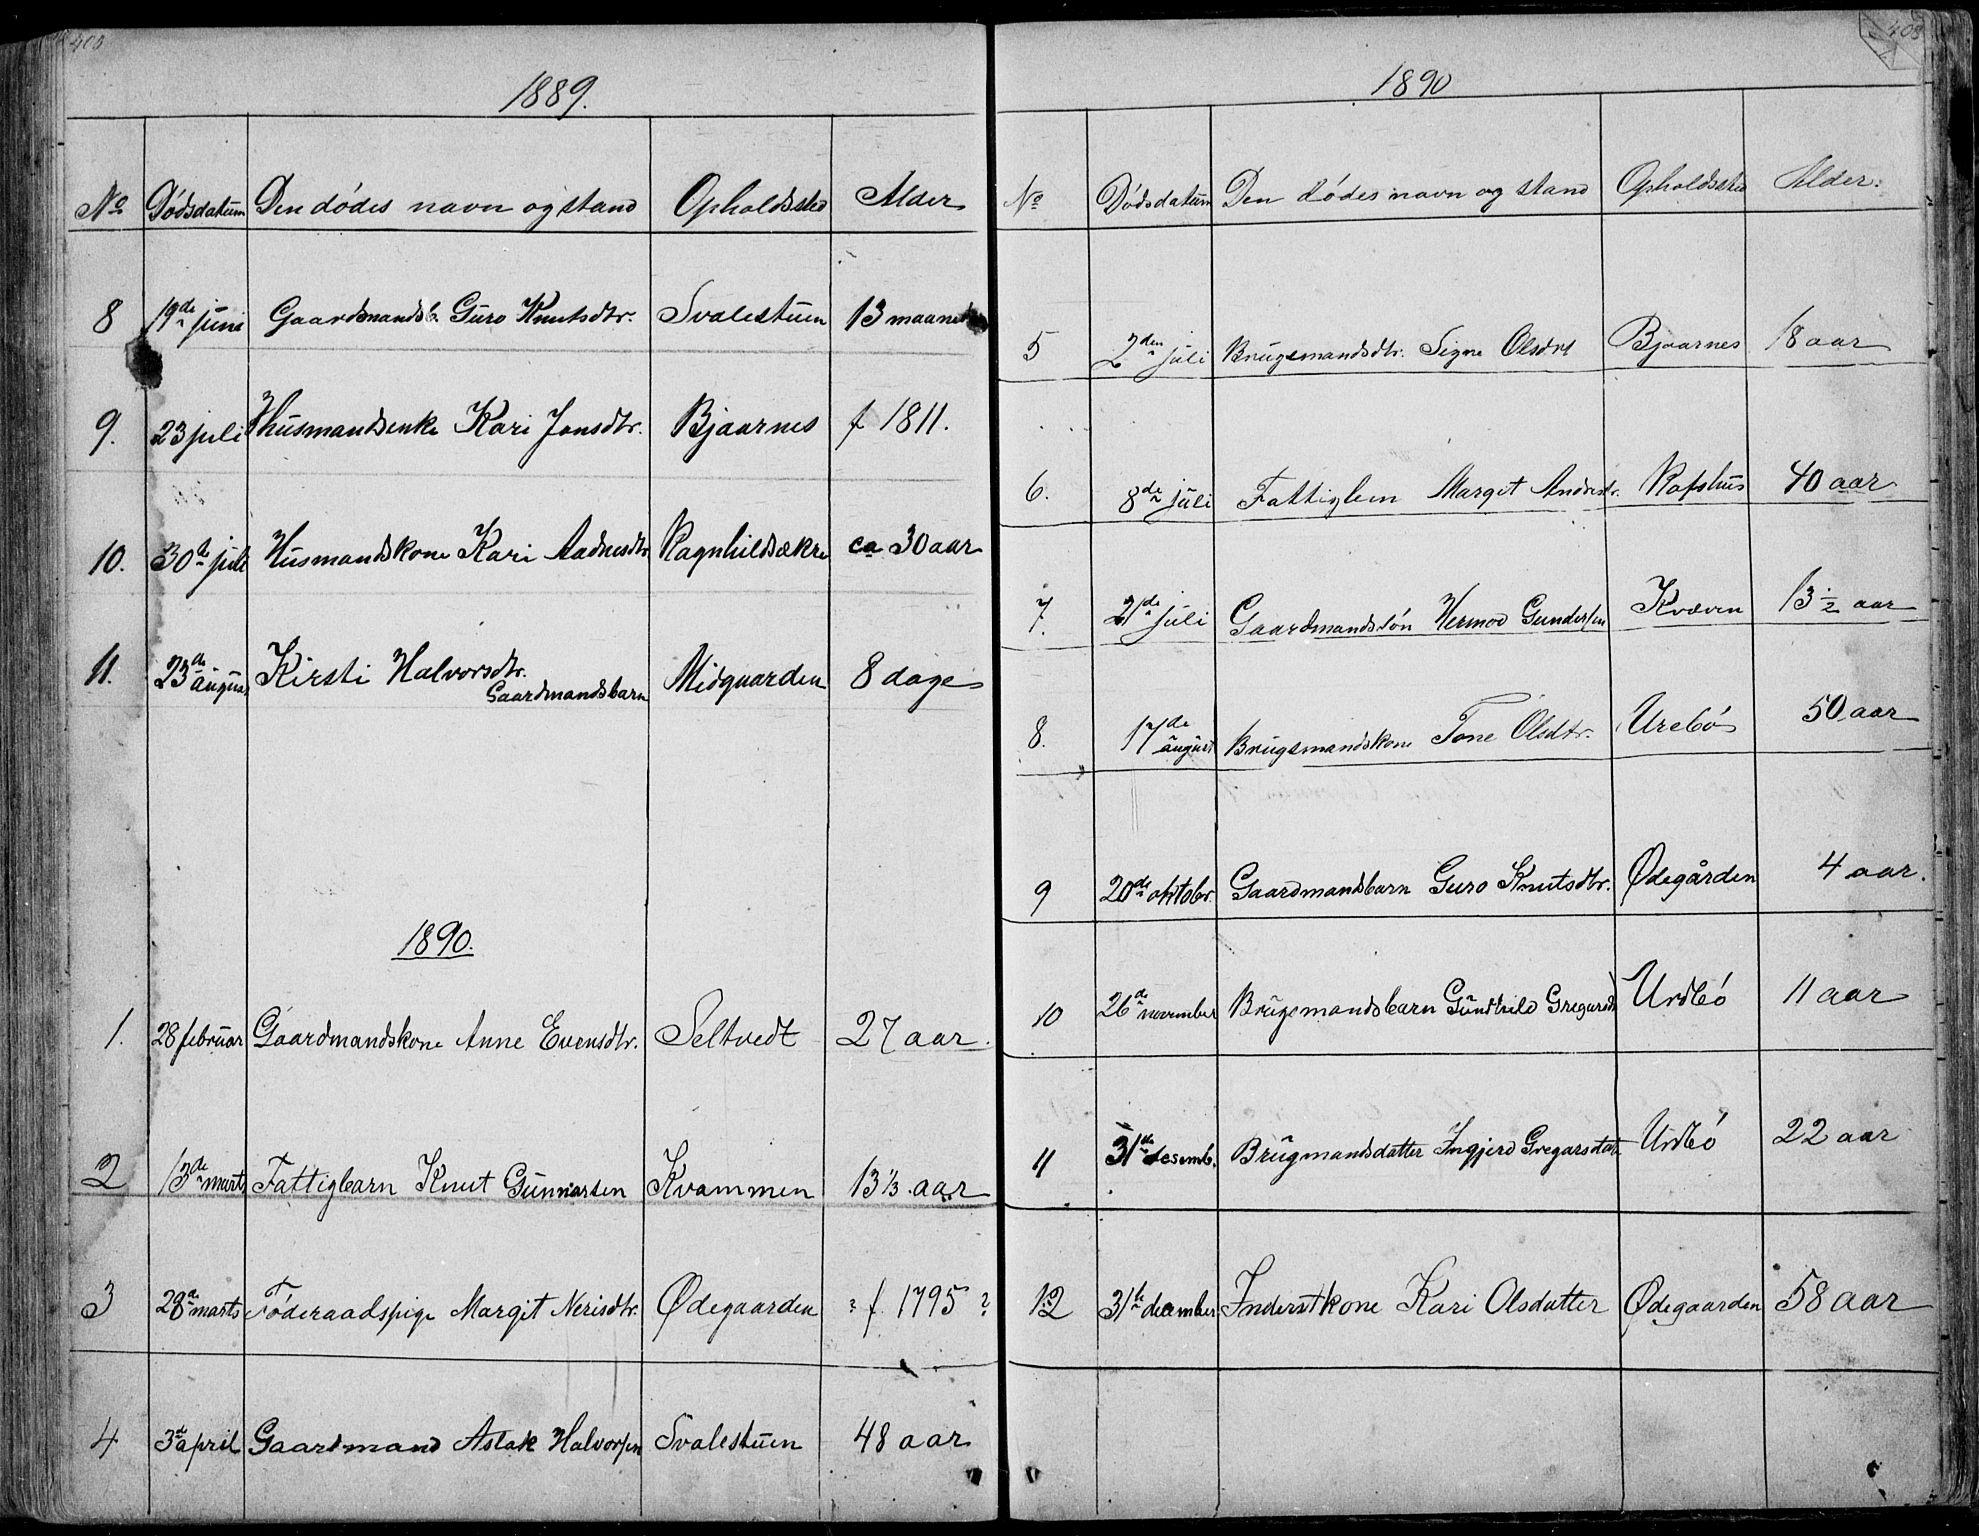 SAKO, Rauland kirkebøker, G/Ga/L0002: Klokkerbok nr. I 2, 1849-1935, s. 405-406